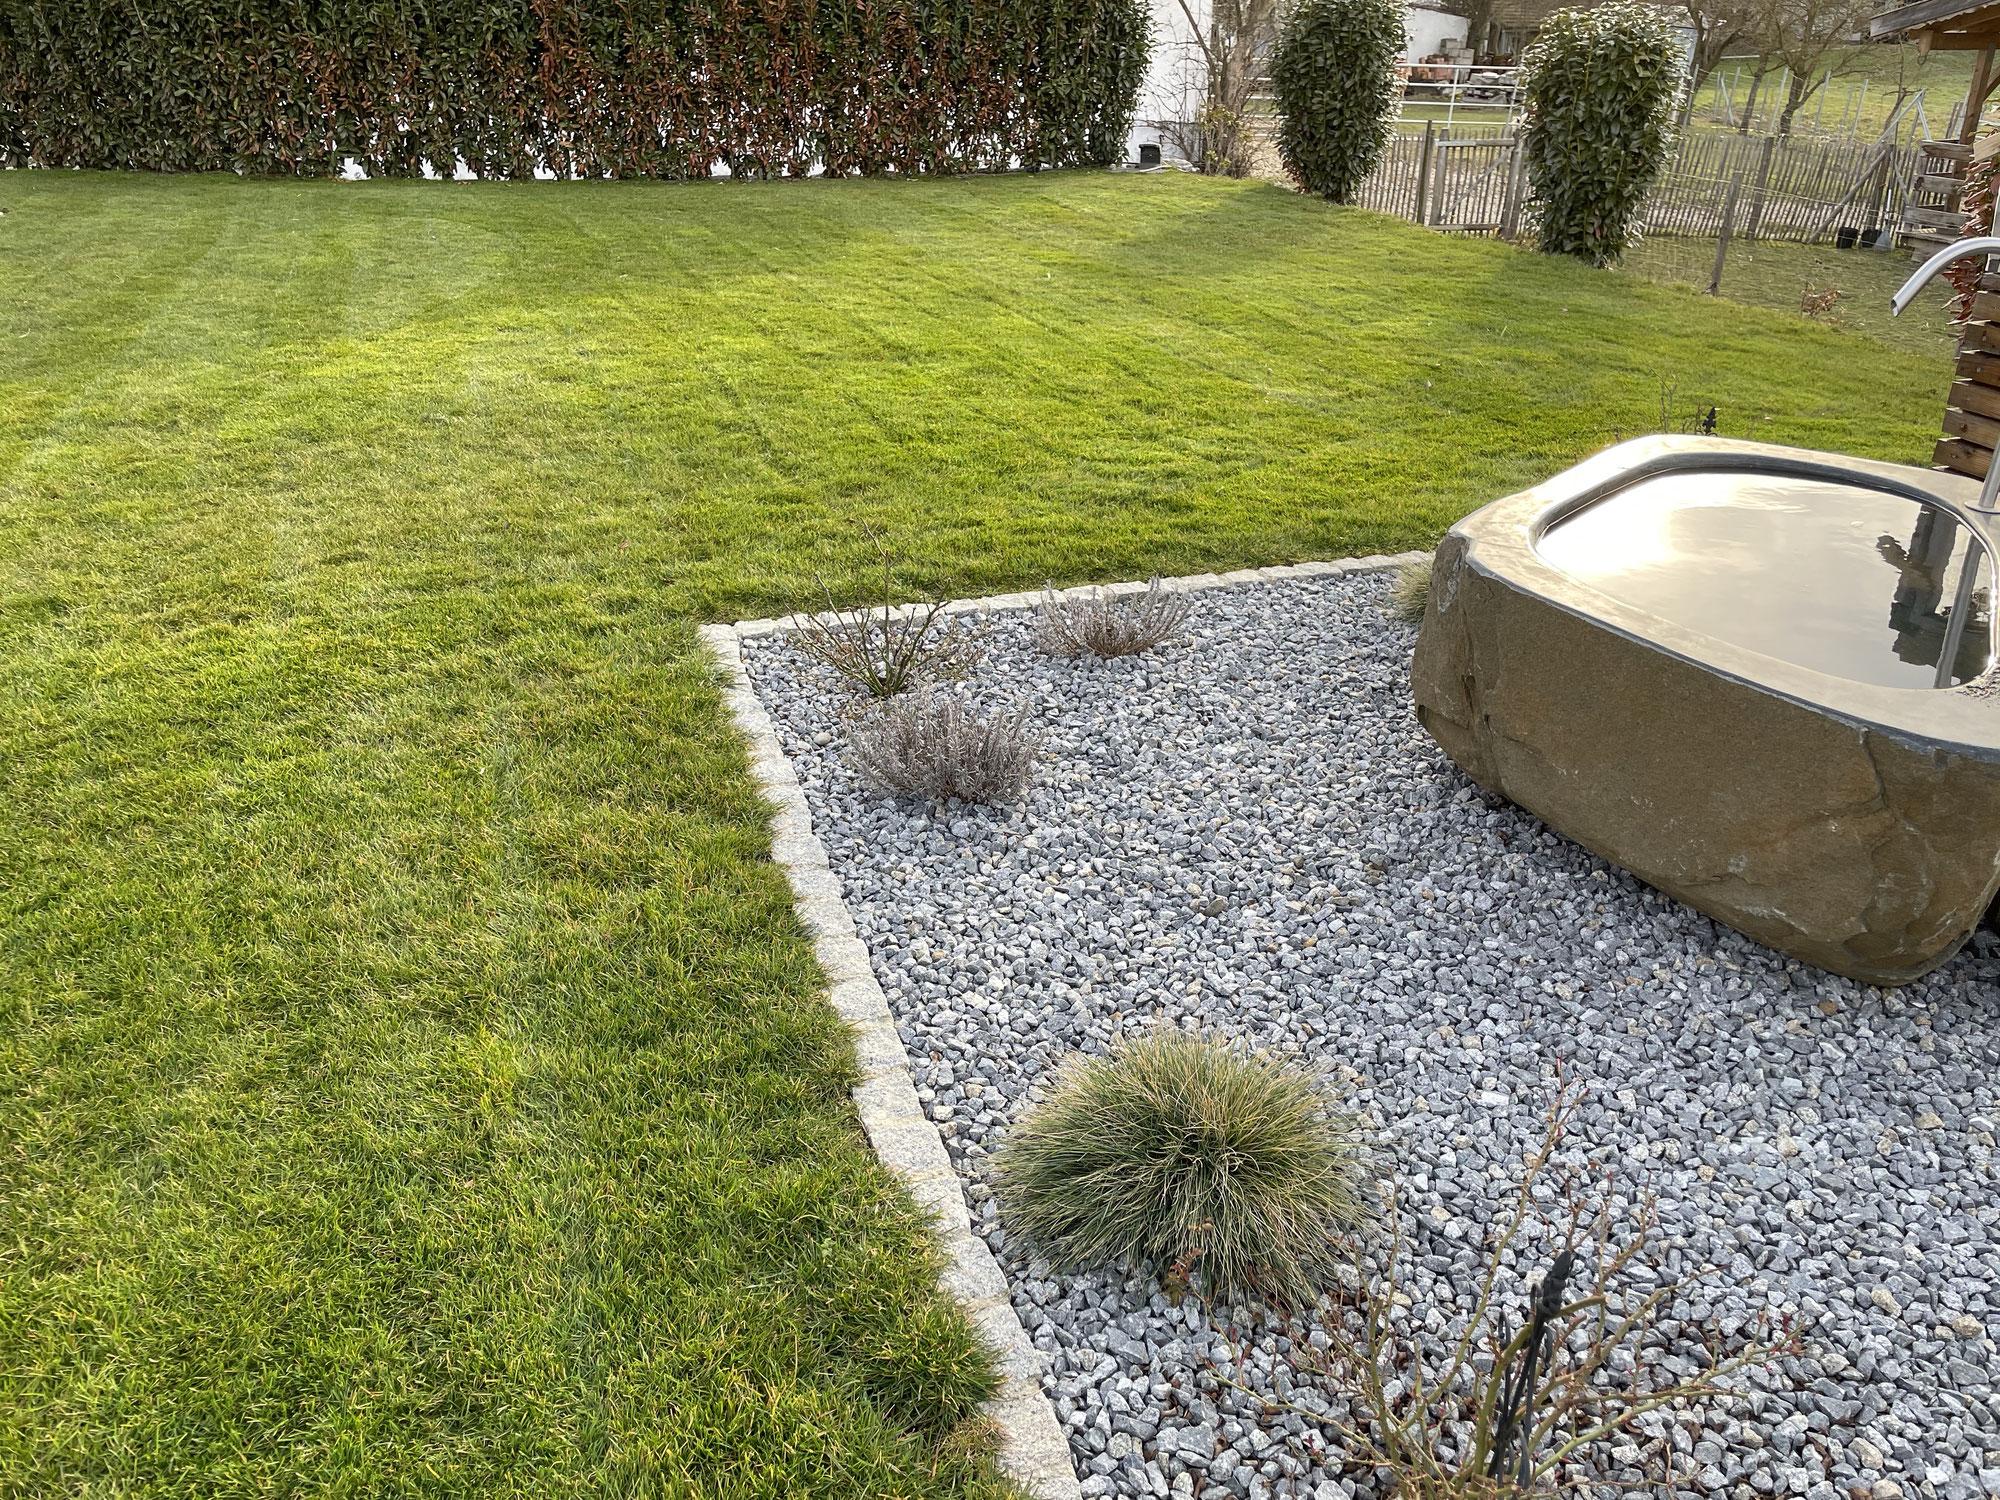 Lohnt es sich den Rasen im Herbst zu düngen?